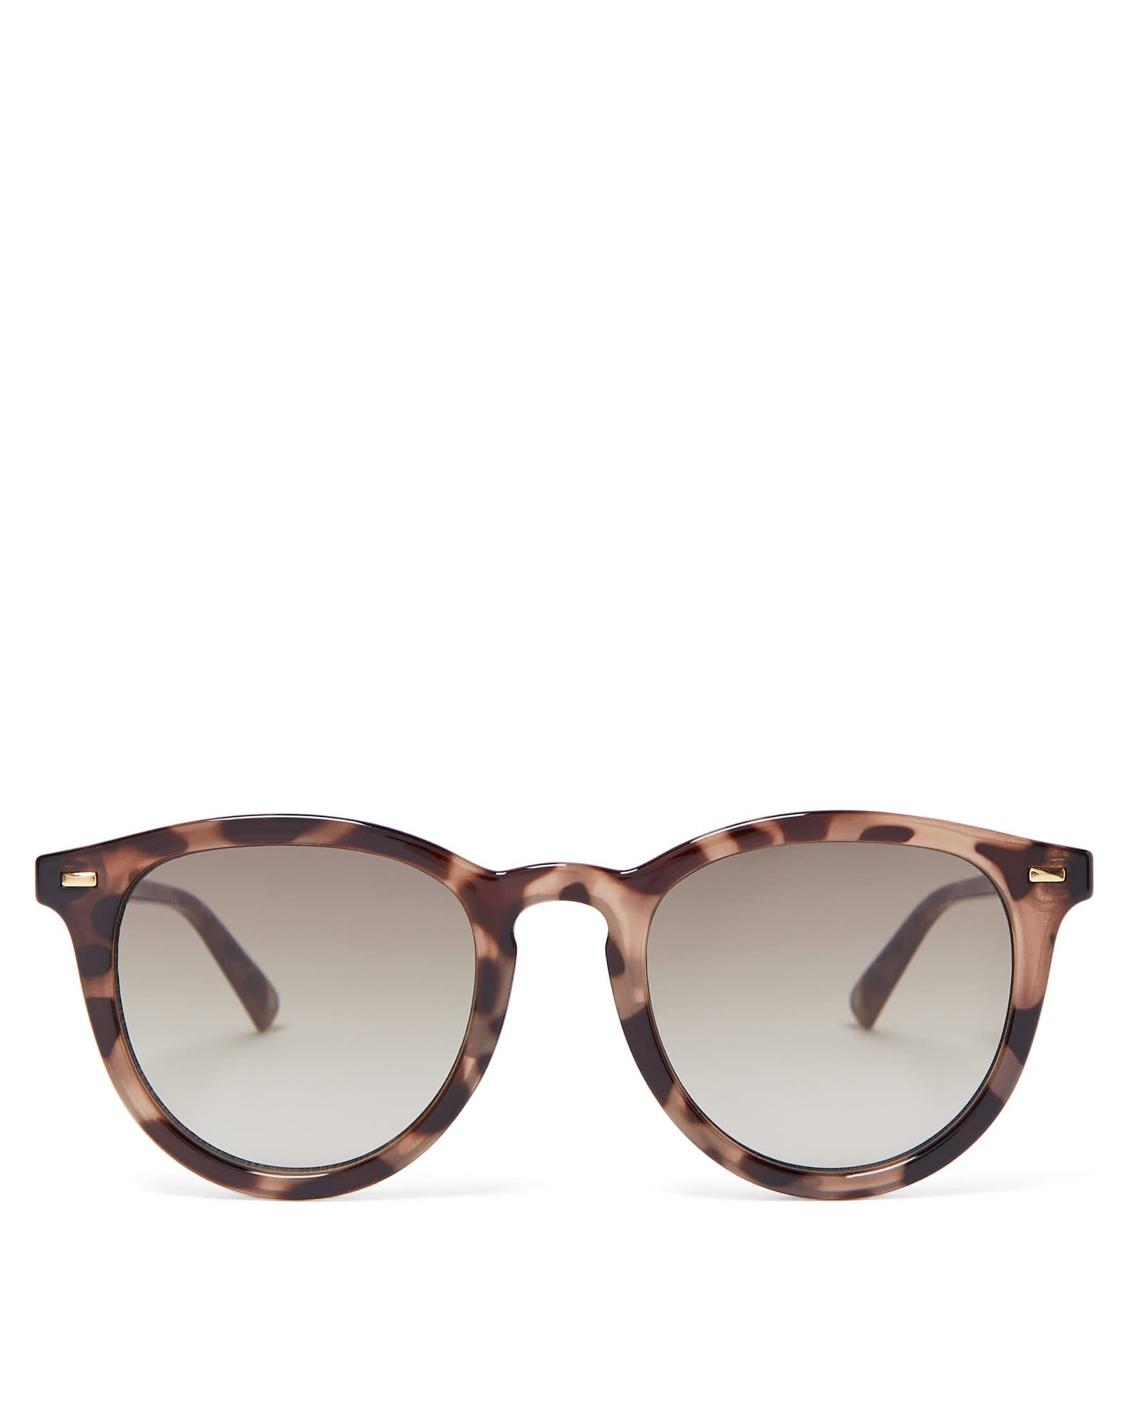 LE SPECS Round Acetat Sunglasses